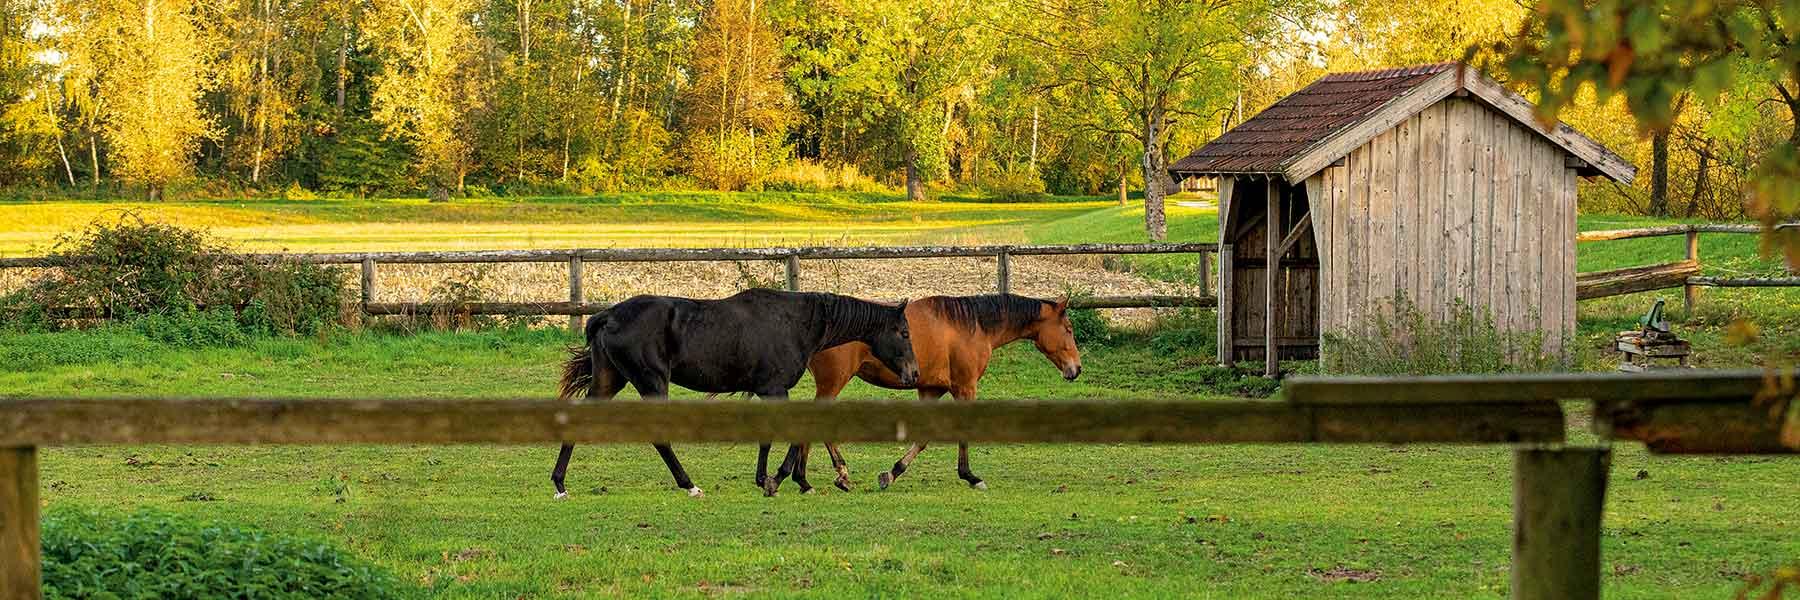 Idyllische Landschaf in Bad Birnbach im Rottal